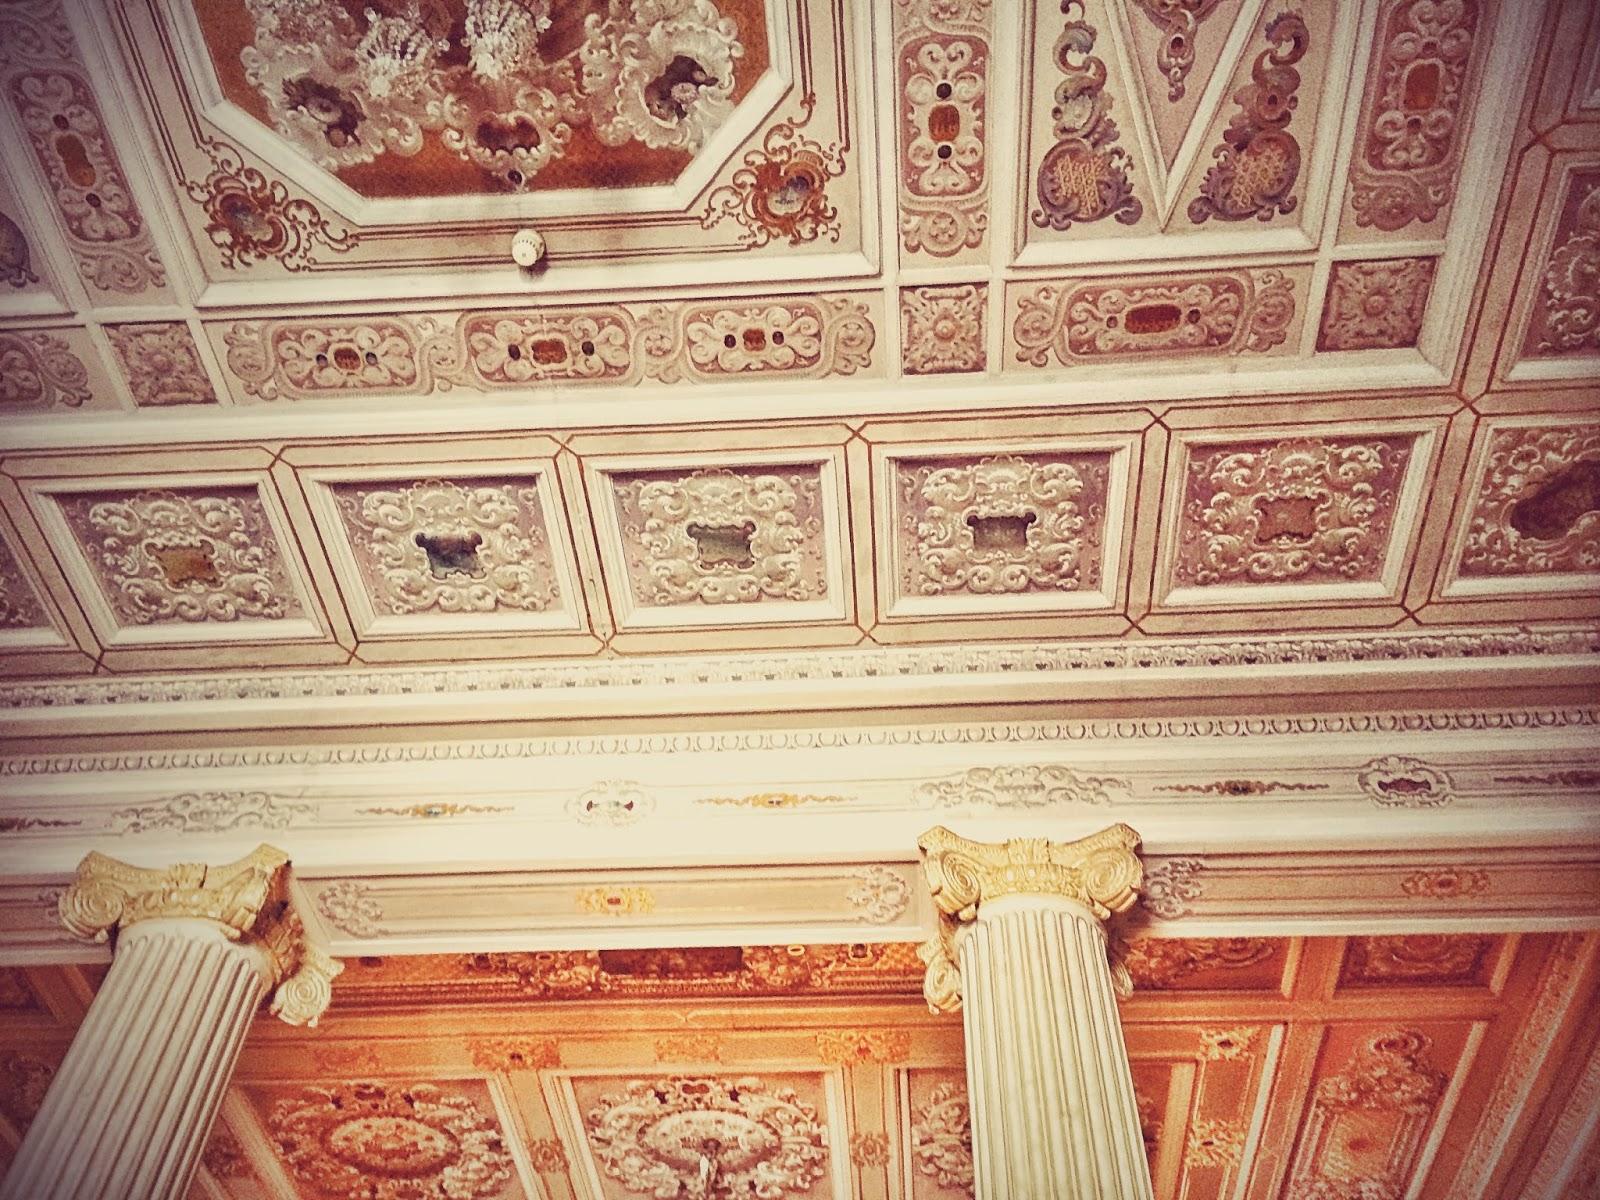 トルコ観光地の宮殿の天井